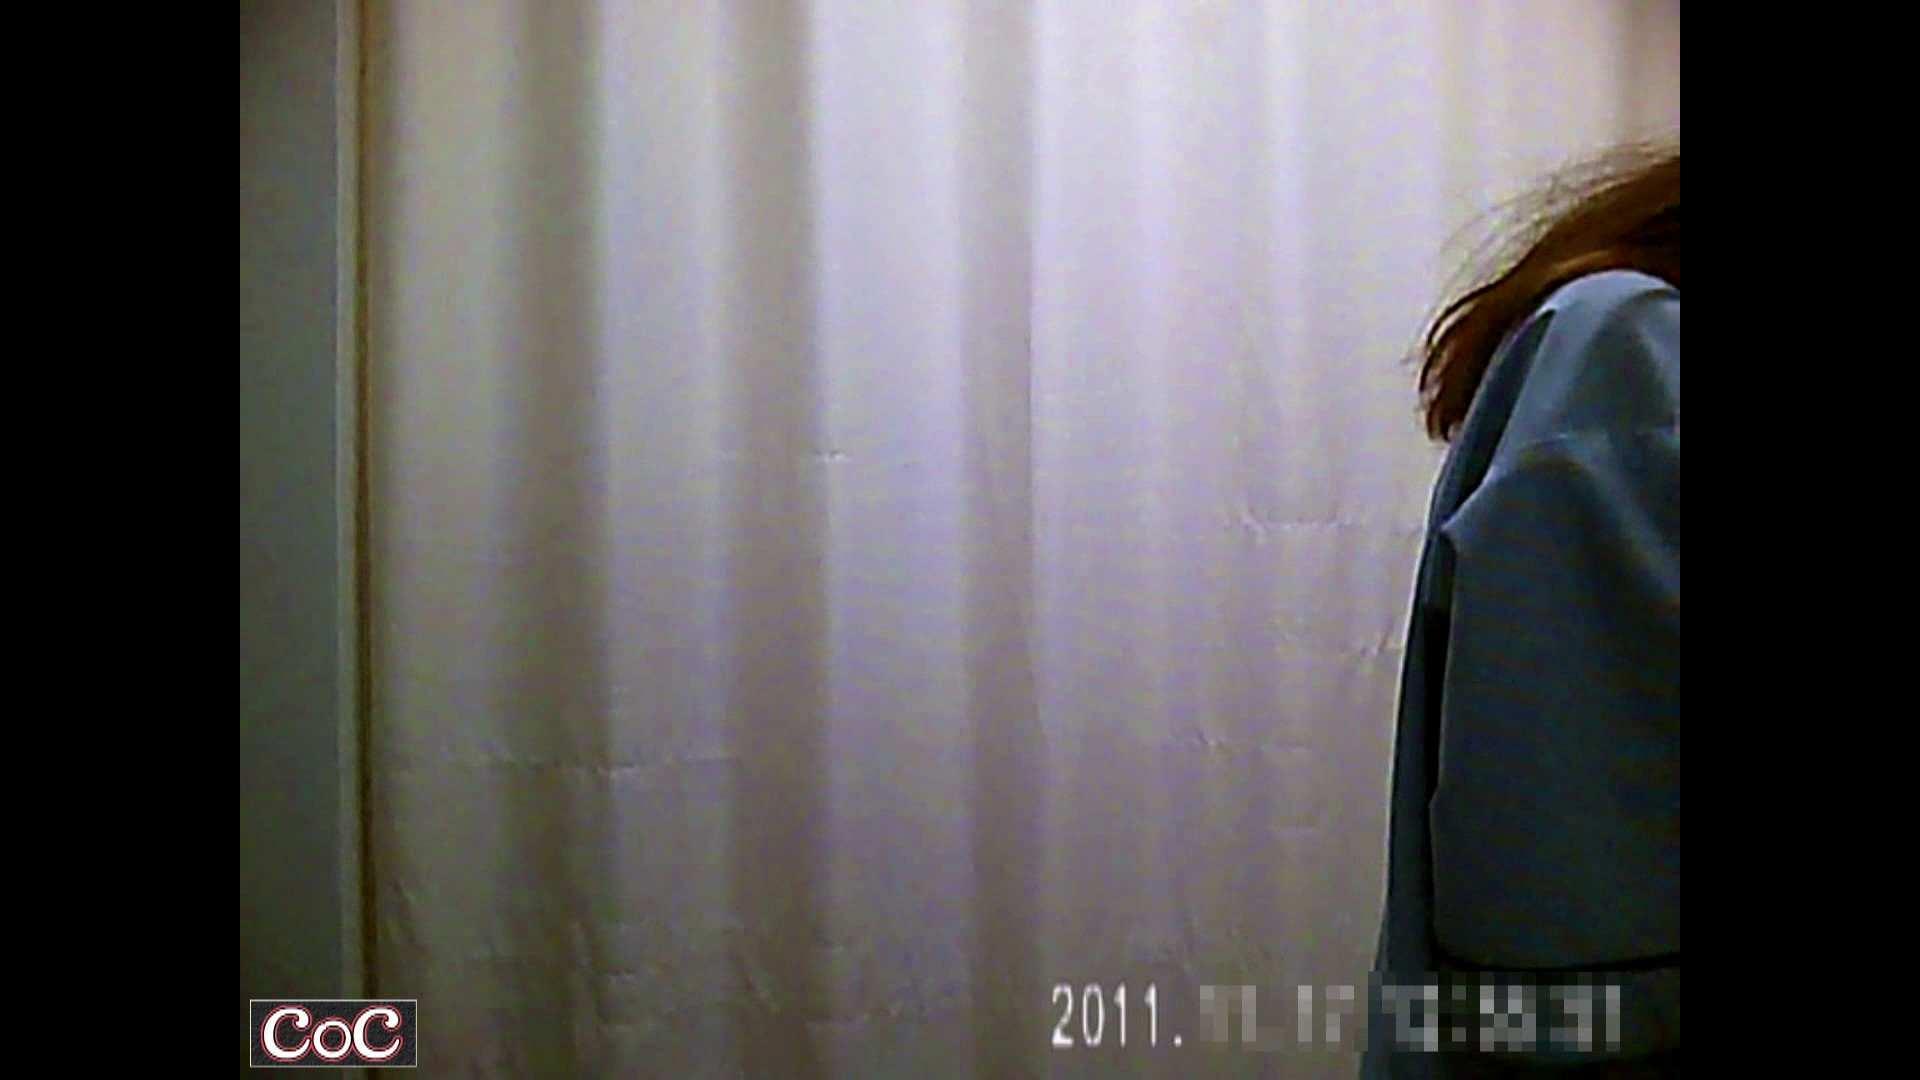 病院おもいっきり着替え! vol.97 OLの実態 盗撮AV動画キャプチャ 45pic 37